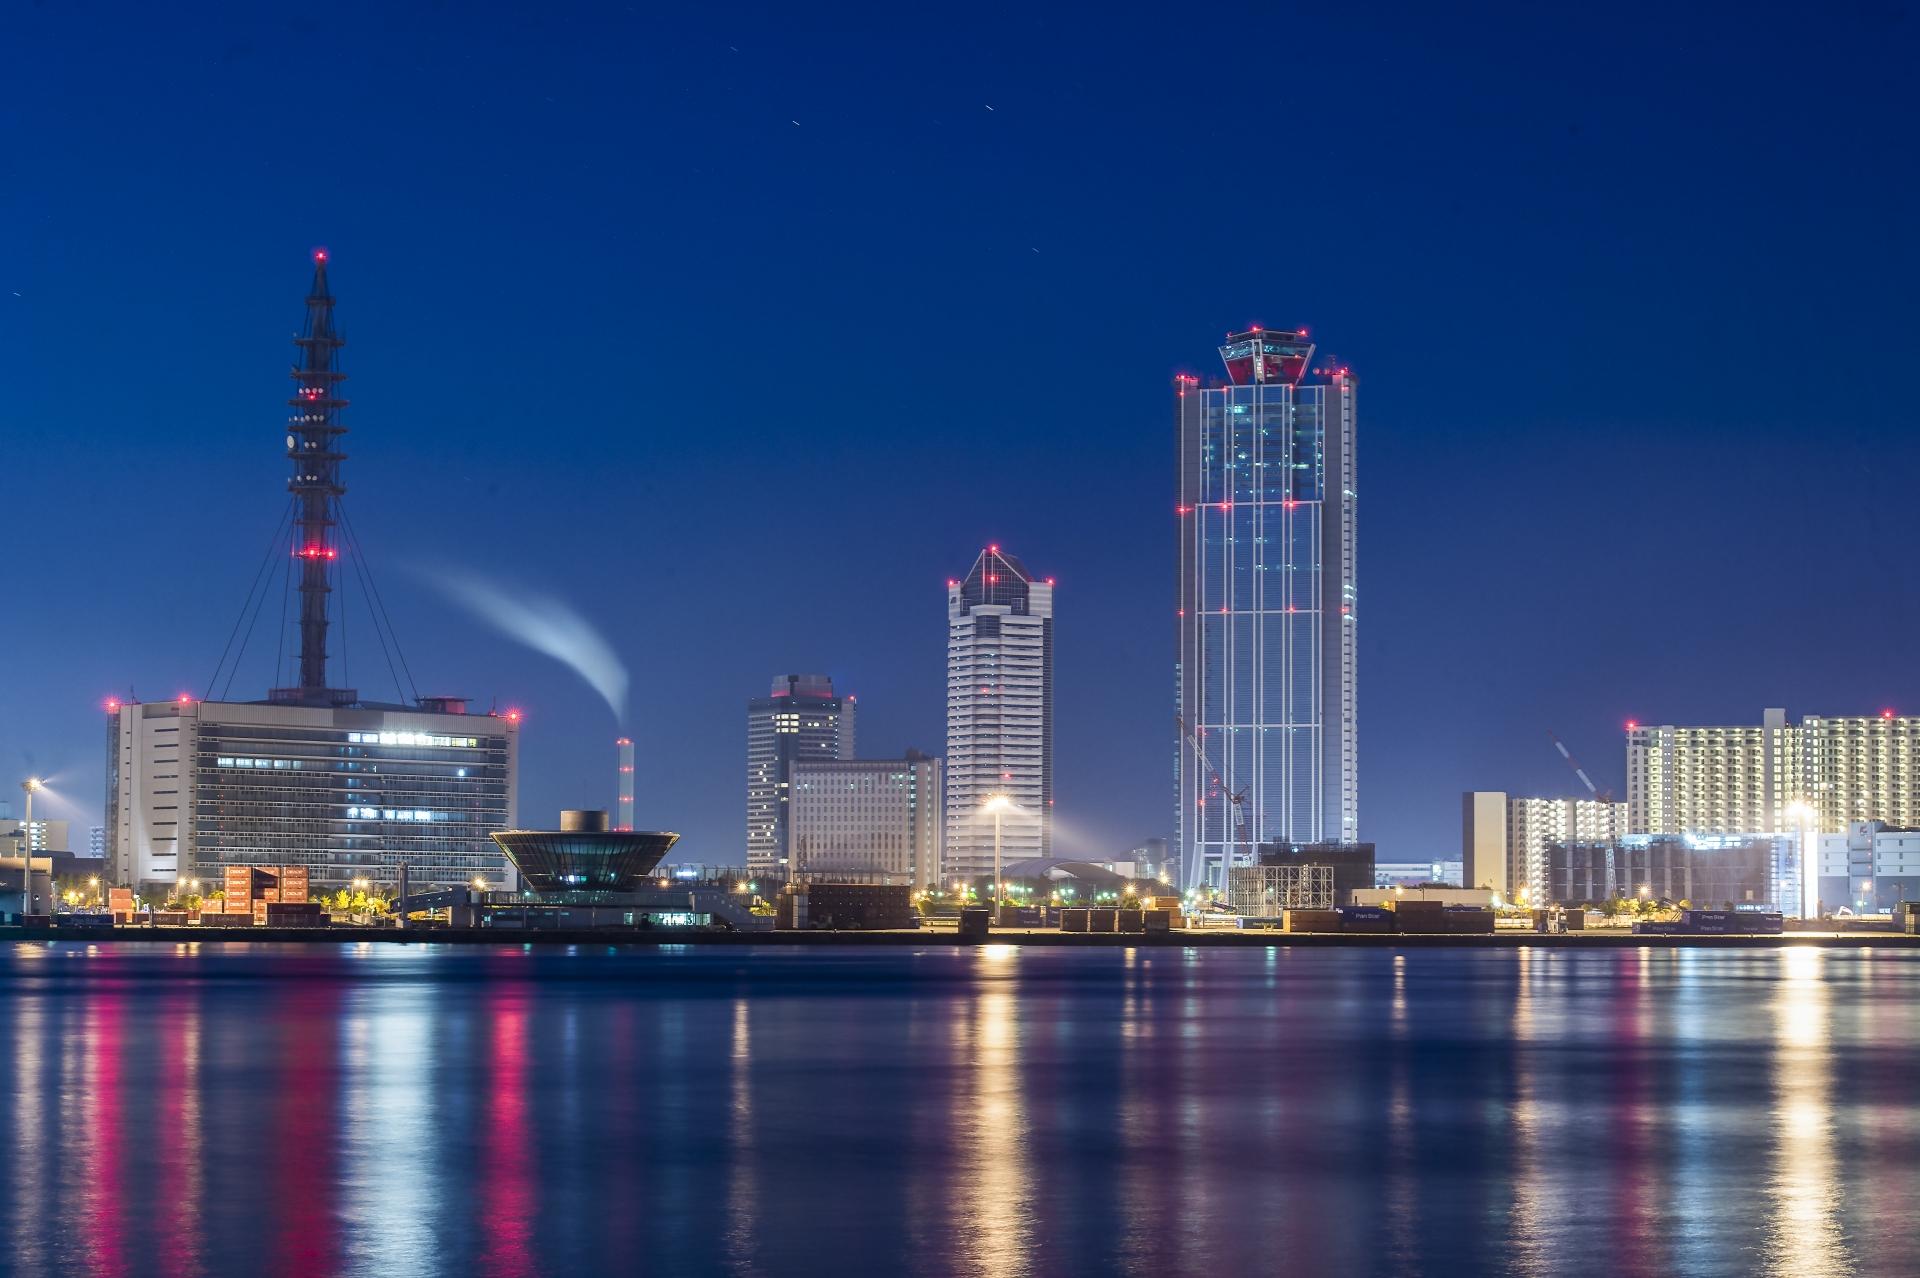 大阪南港の夜明け